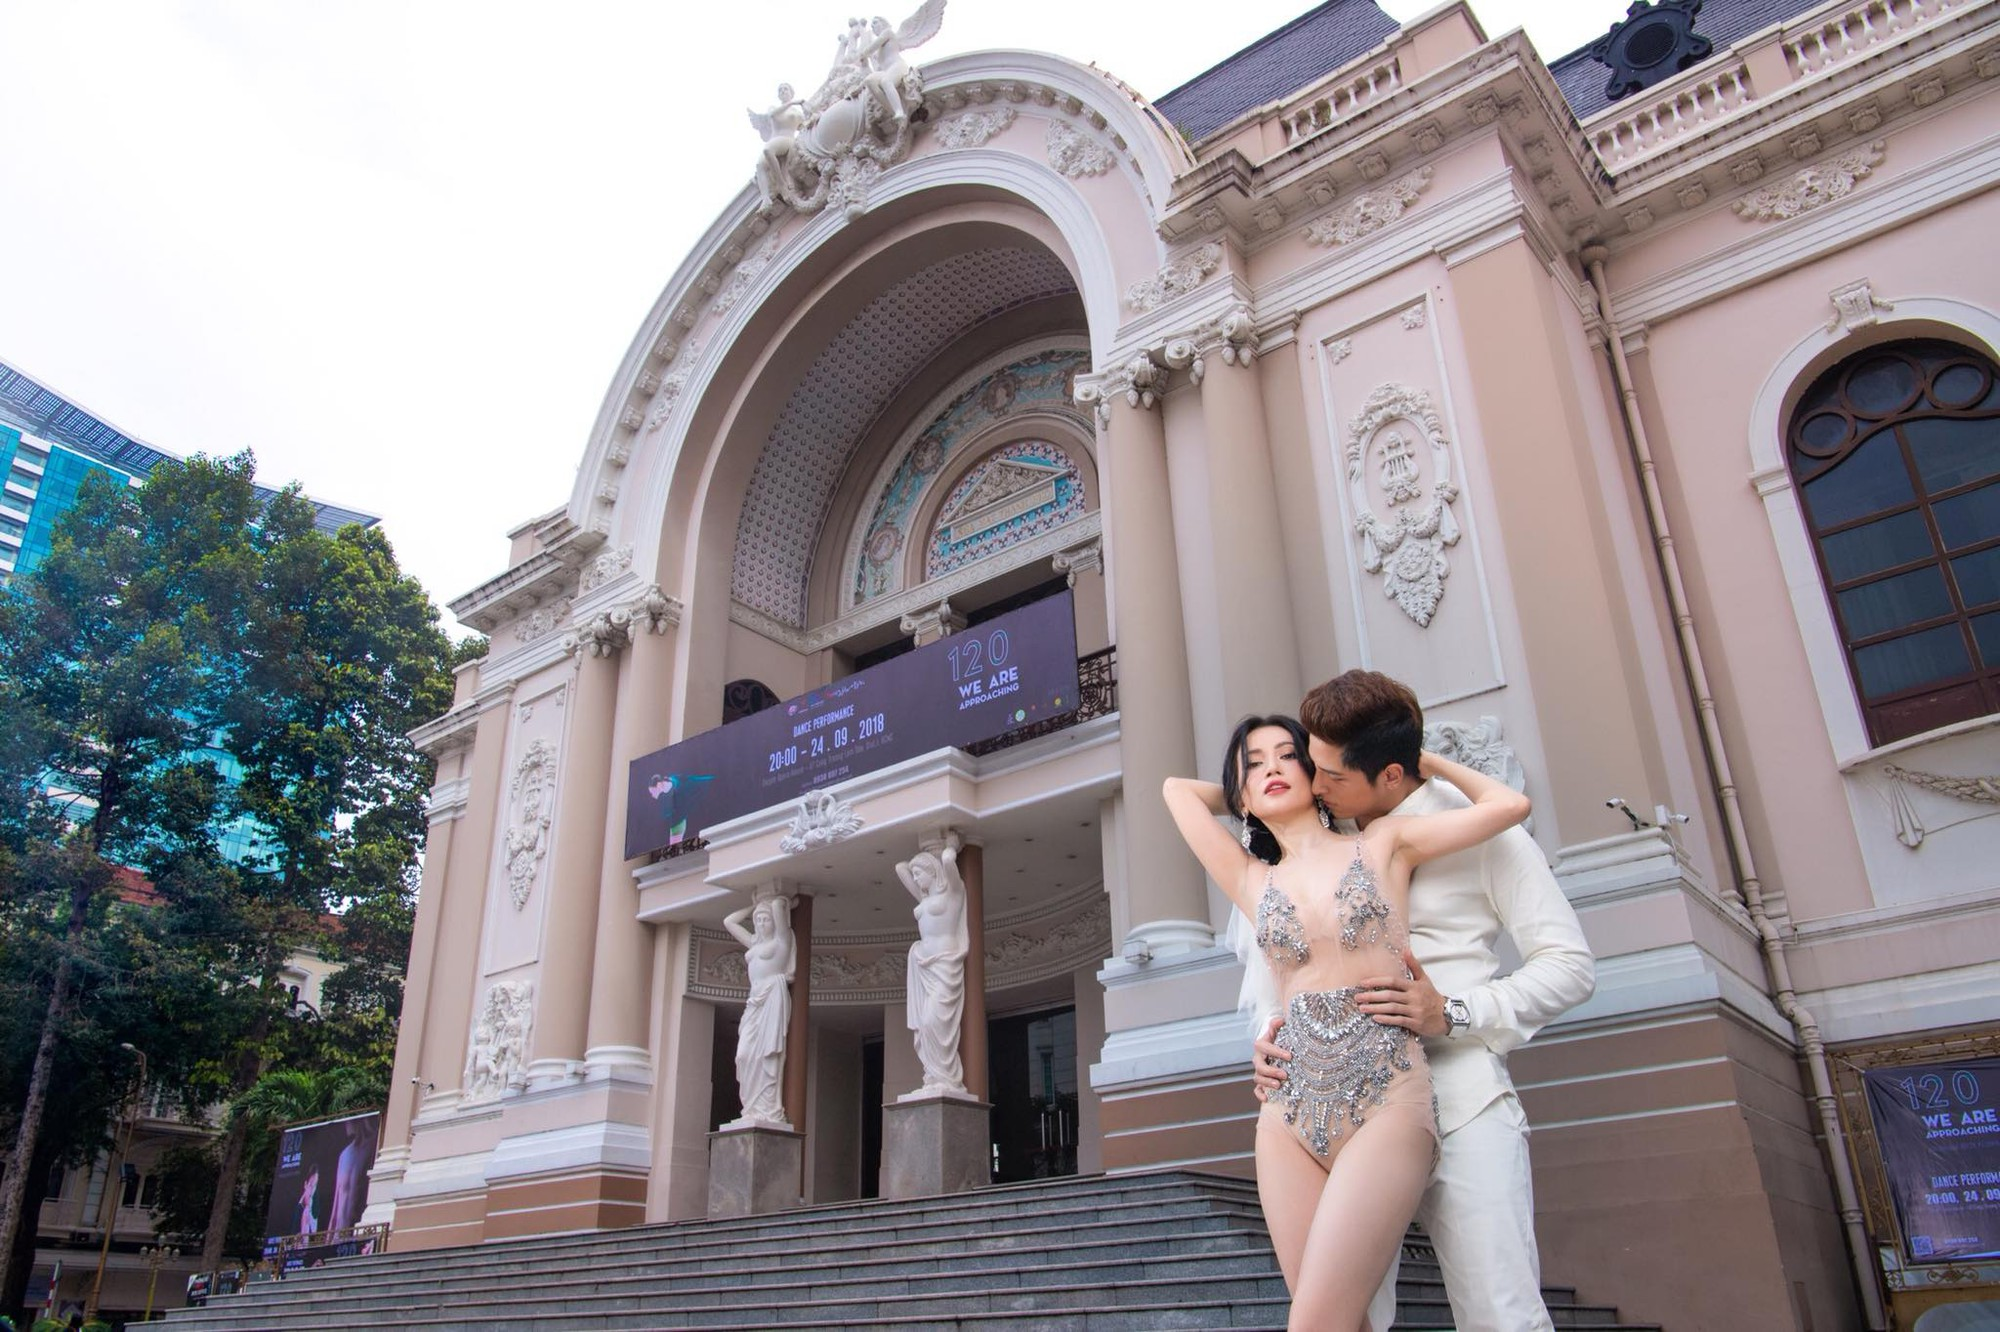 Sĩ Thanh bị dân mạng chỉ trích phản cảm khi chụp bộ ảnh cưới sexy giữa trung tâm thành phố - Ảnh 1.